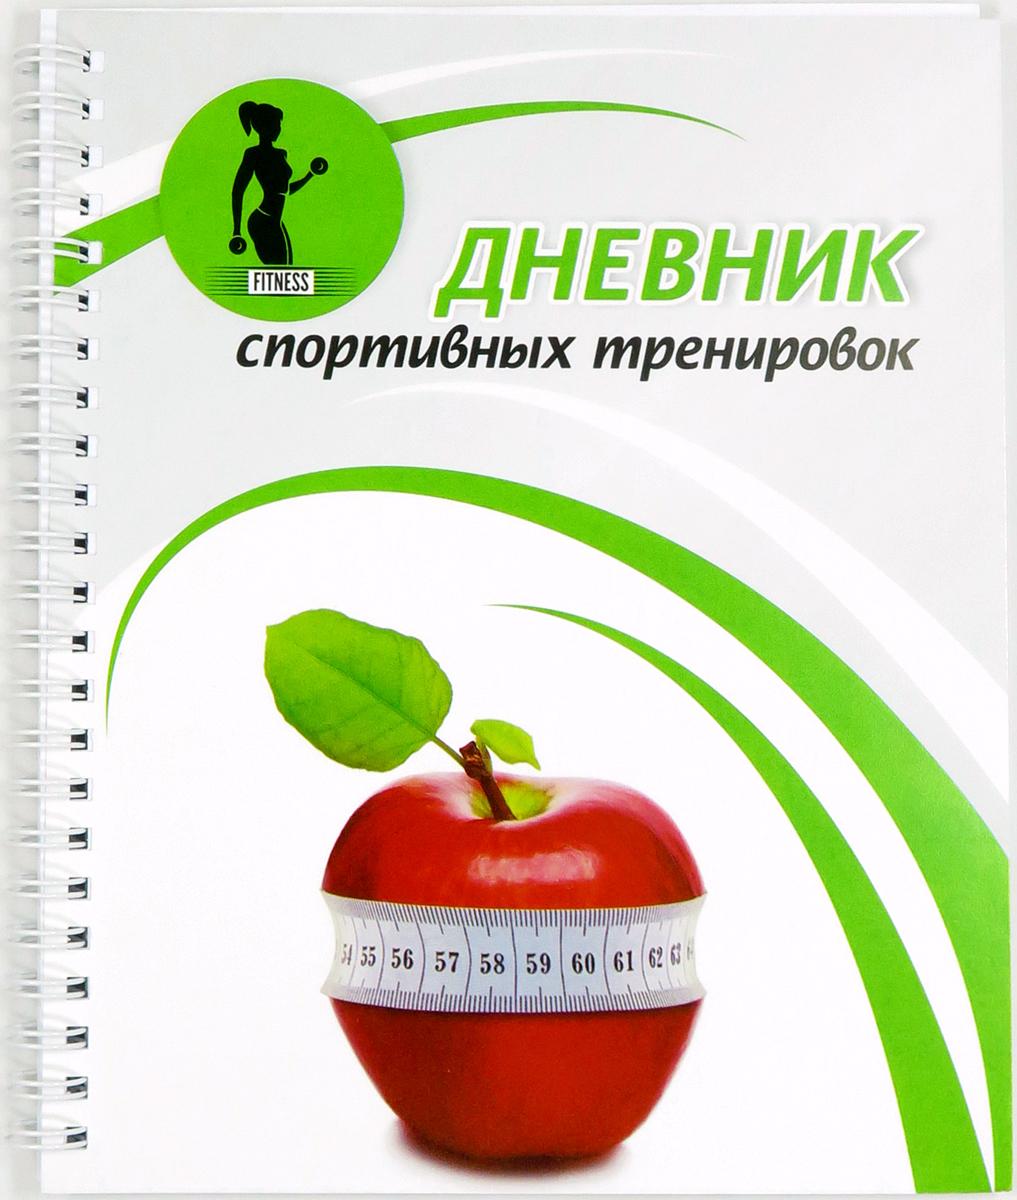 Фолиант Дневник спортивных тренировок 65 листов цвет белый зеленый красный дневники фолиант дневник спортивных тренировок